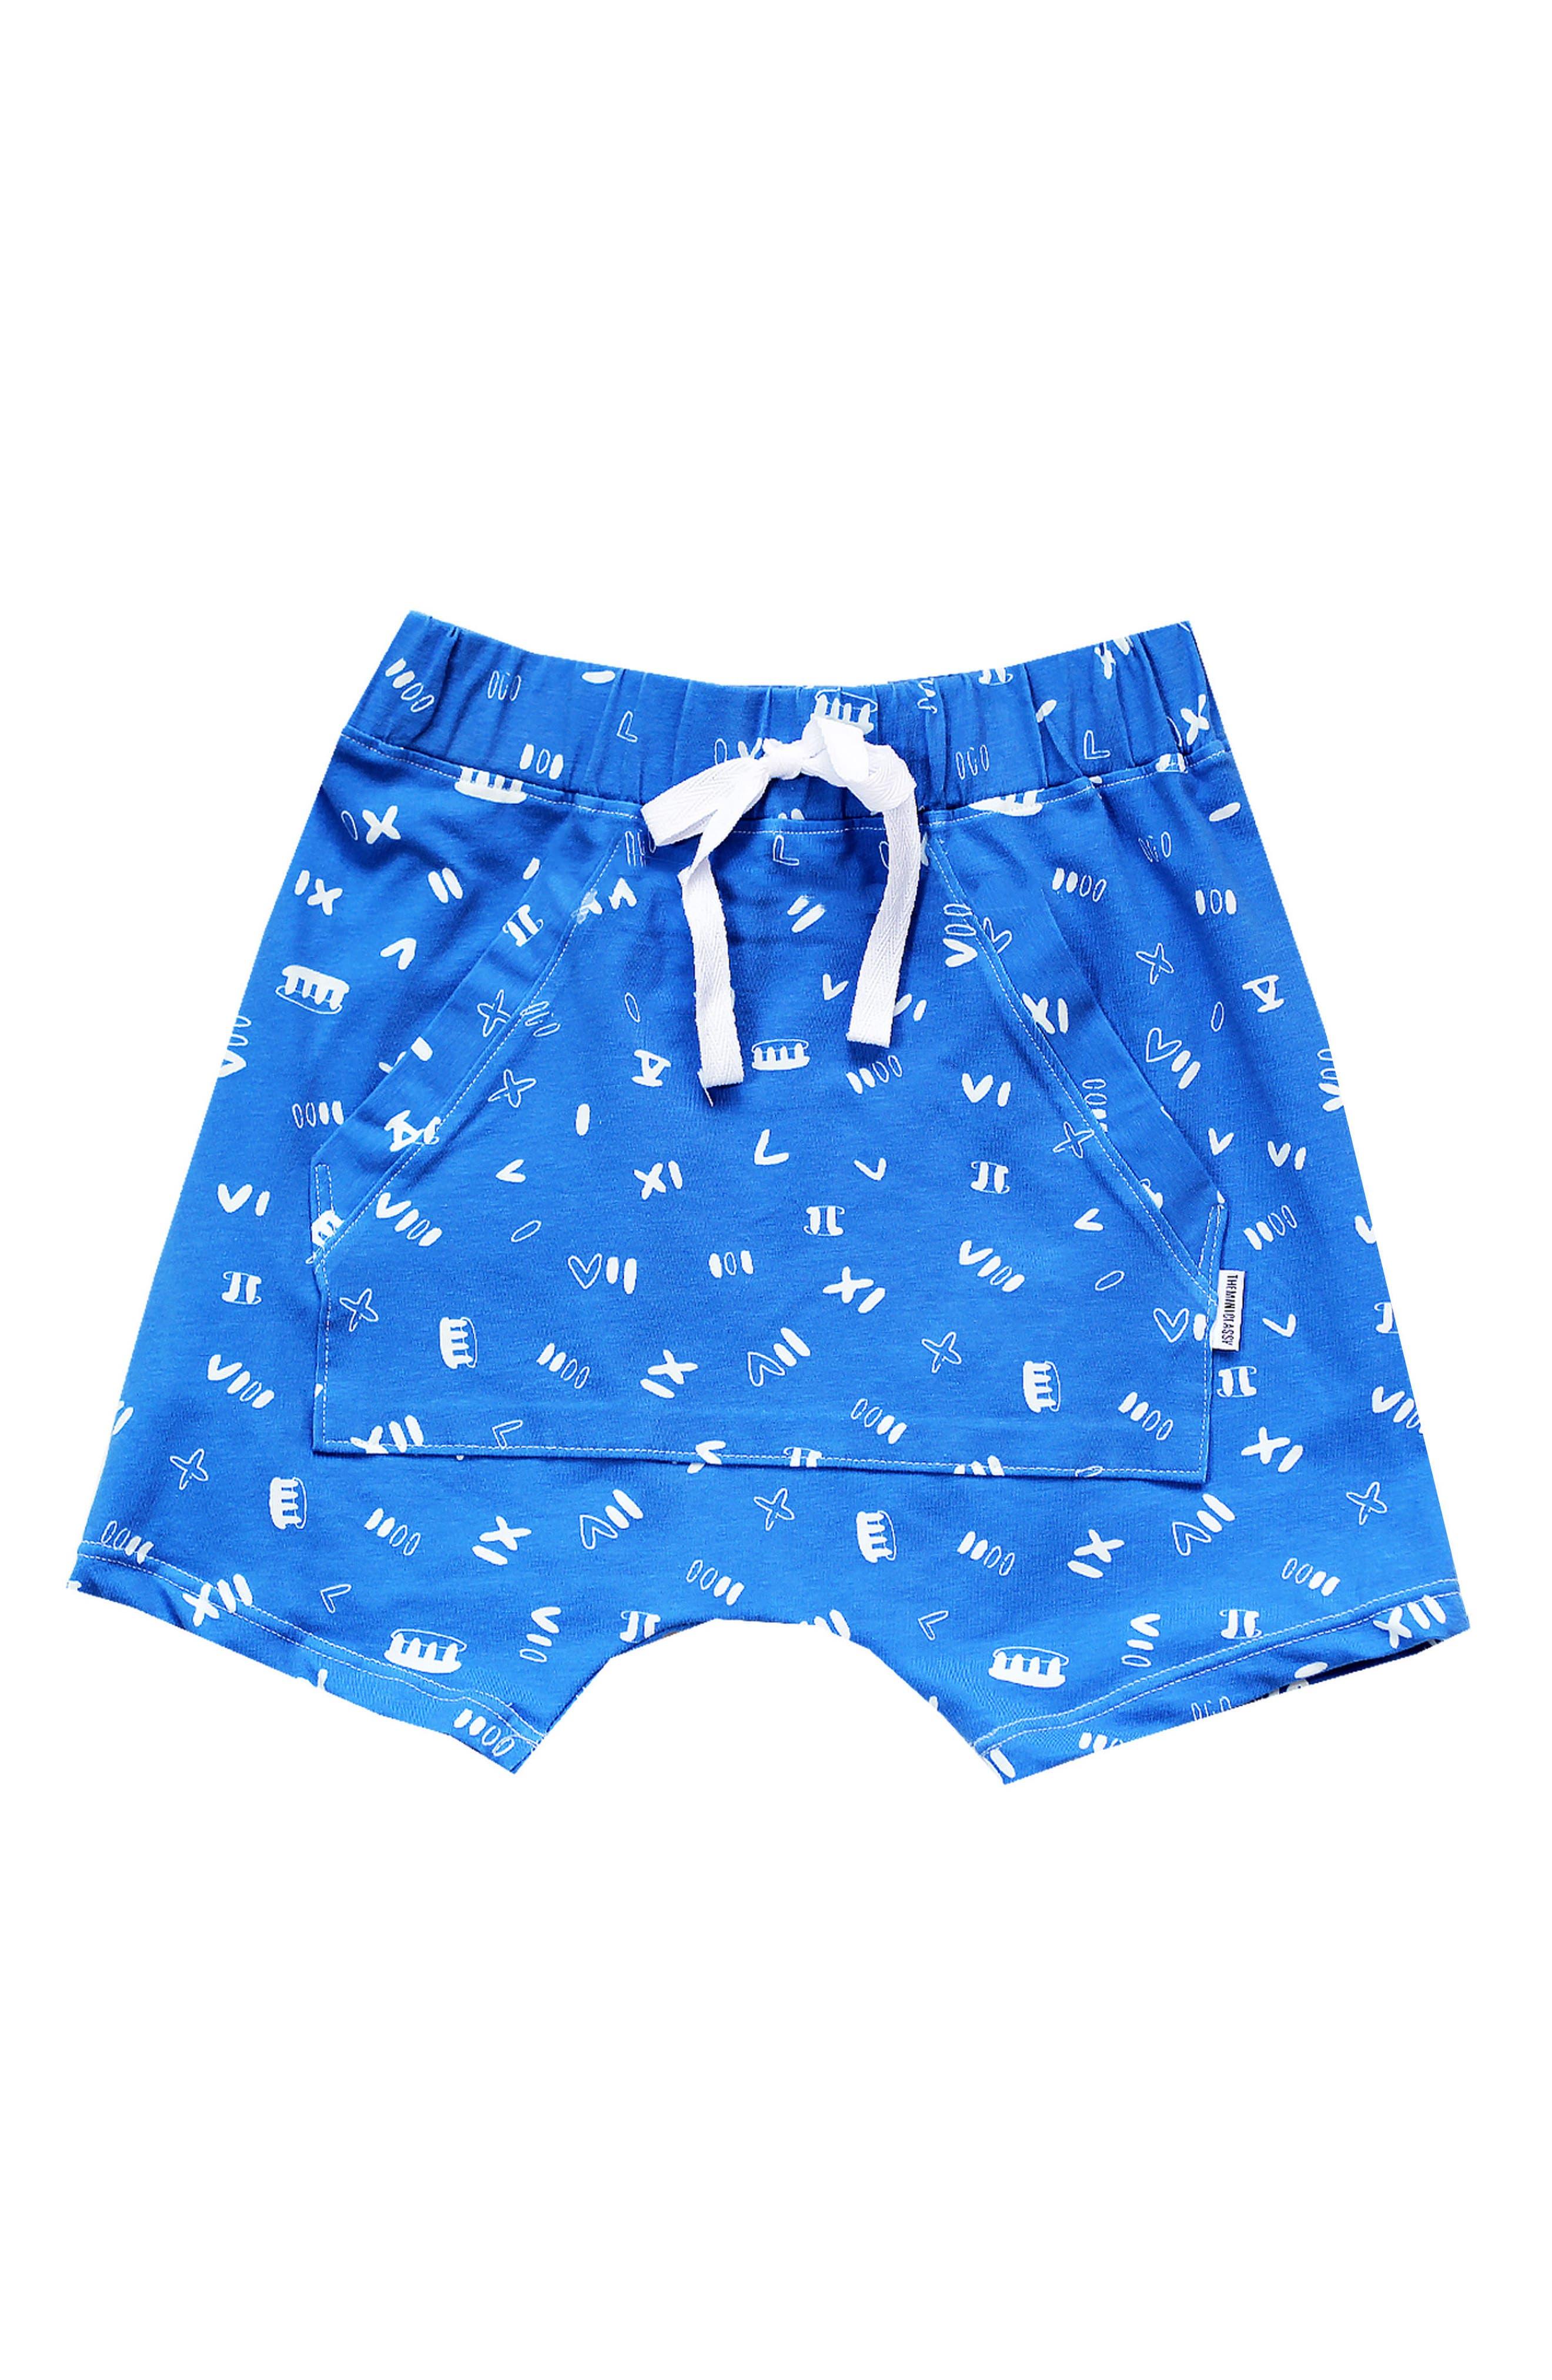 Roman Noodle Shaolin Shorts,                         Main,                         color, 400